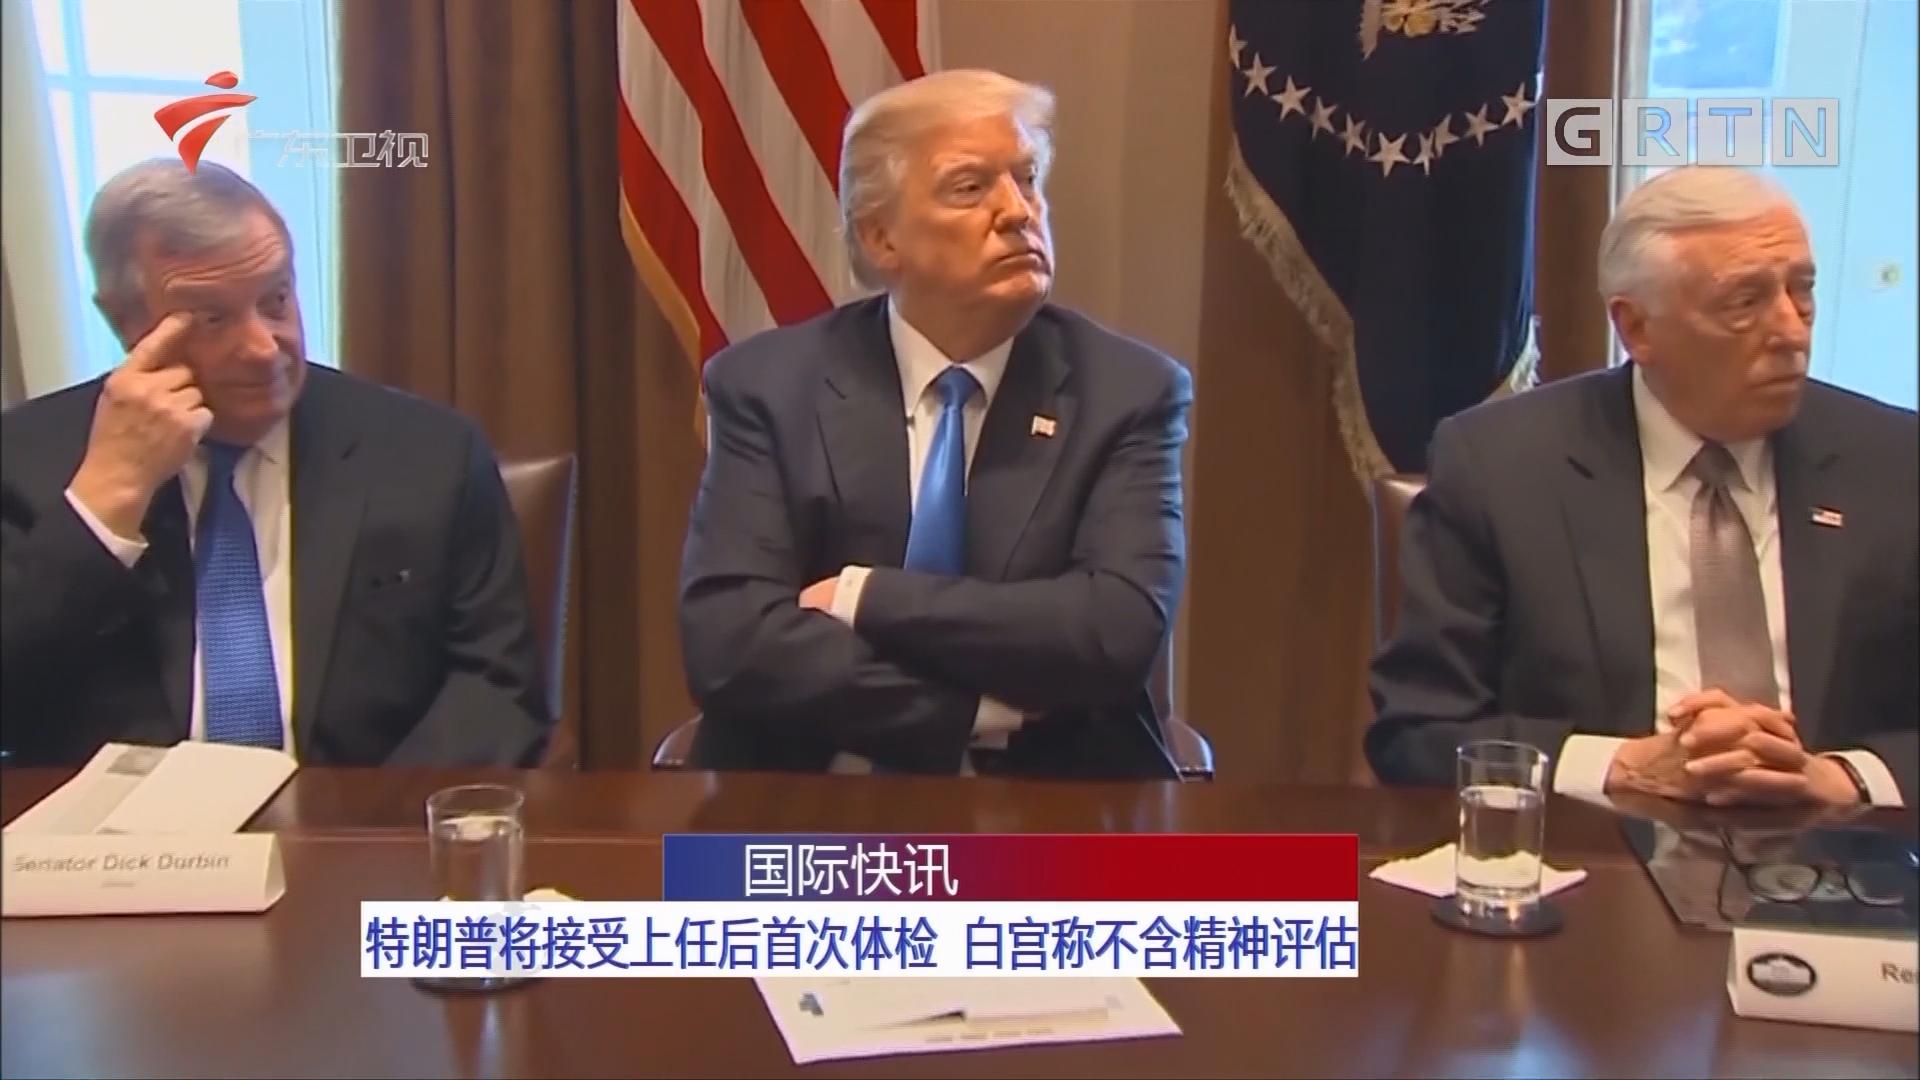 特朗普将接受上任后首次体检 白宫称不含精神评估